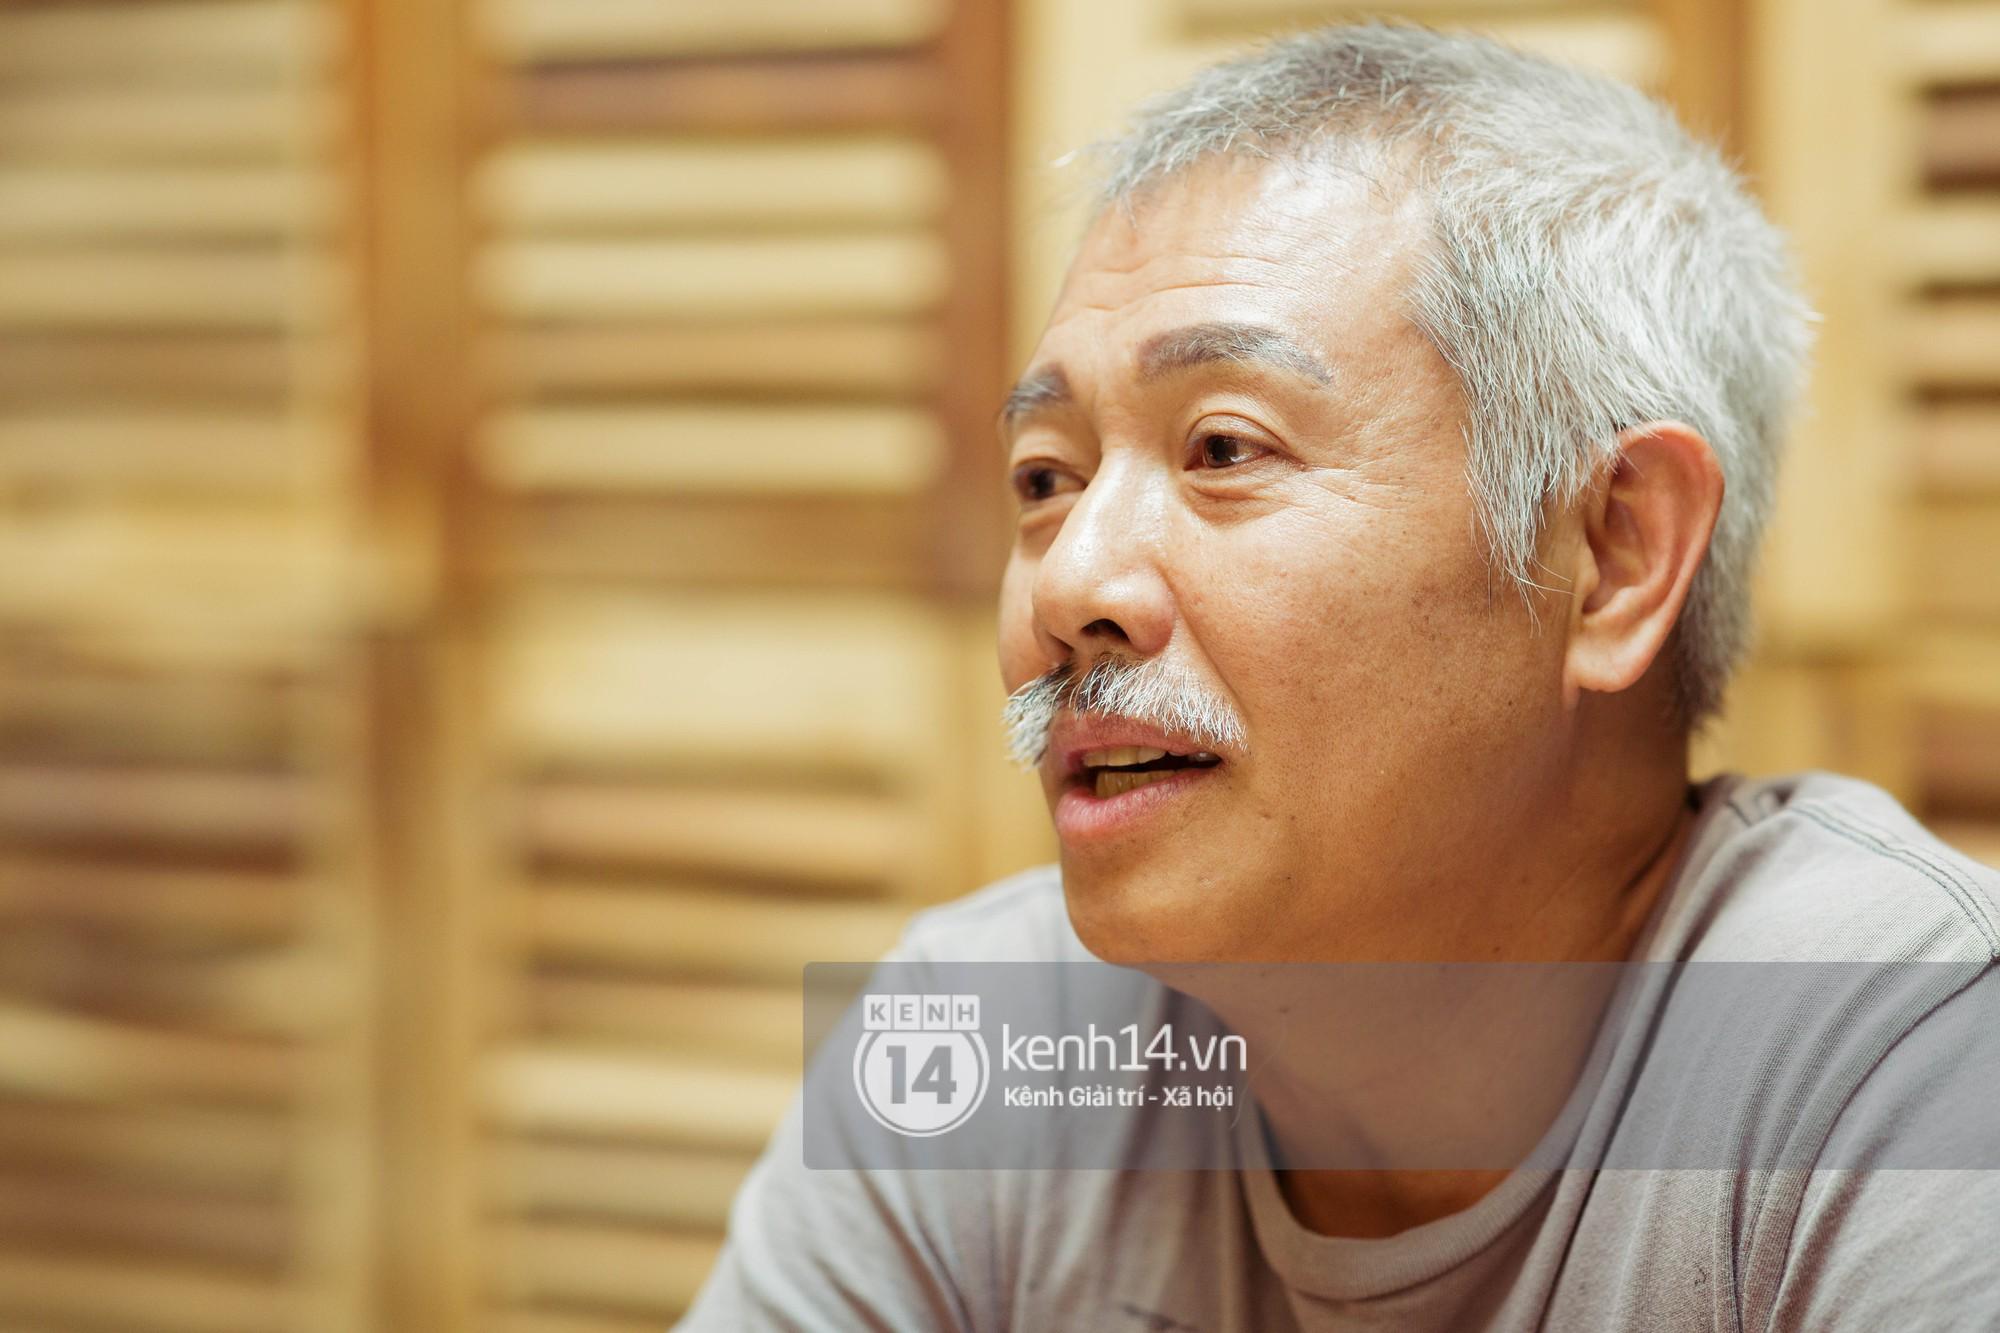 Giáo sư quần đùi Trương Nguyện Thành: Trường tư mà đào tạo ra những sinh viên chất lượng chỉ ngang bằng trường công là thất bại! - Ảnh 16.